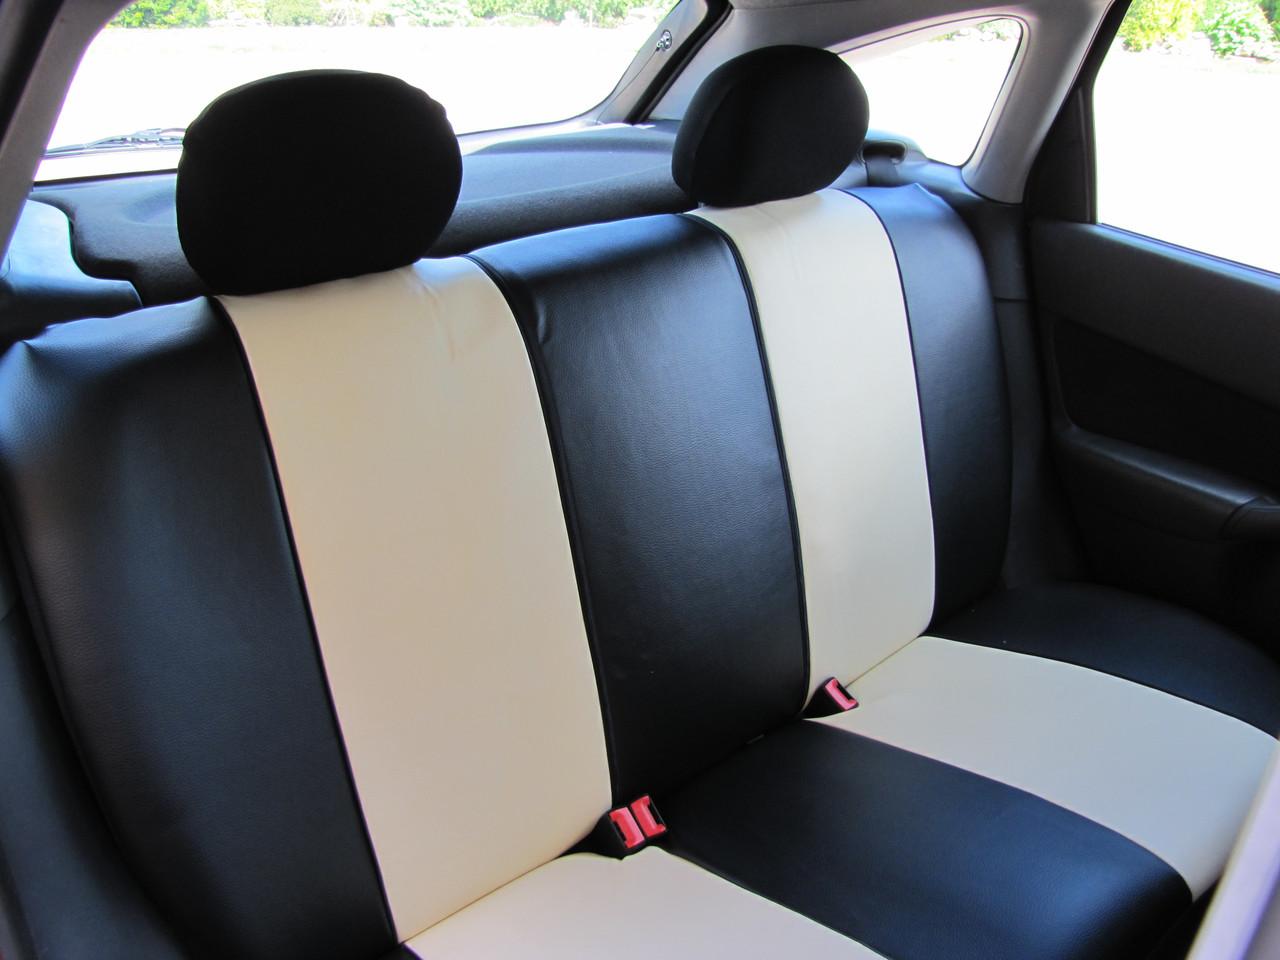 Чехлы на авто разные цвета из экокожи универсальные ... - photo#20